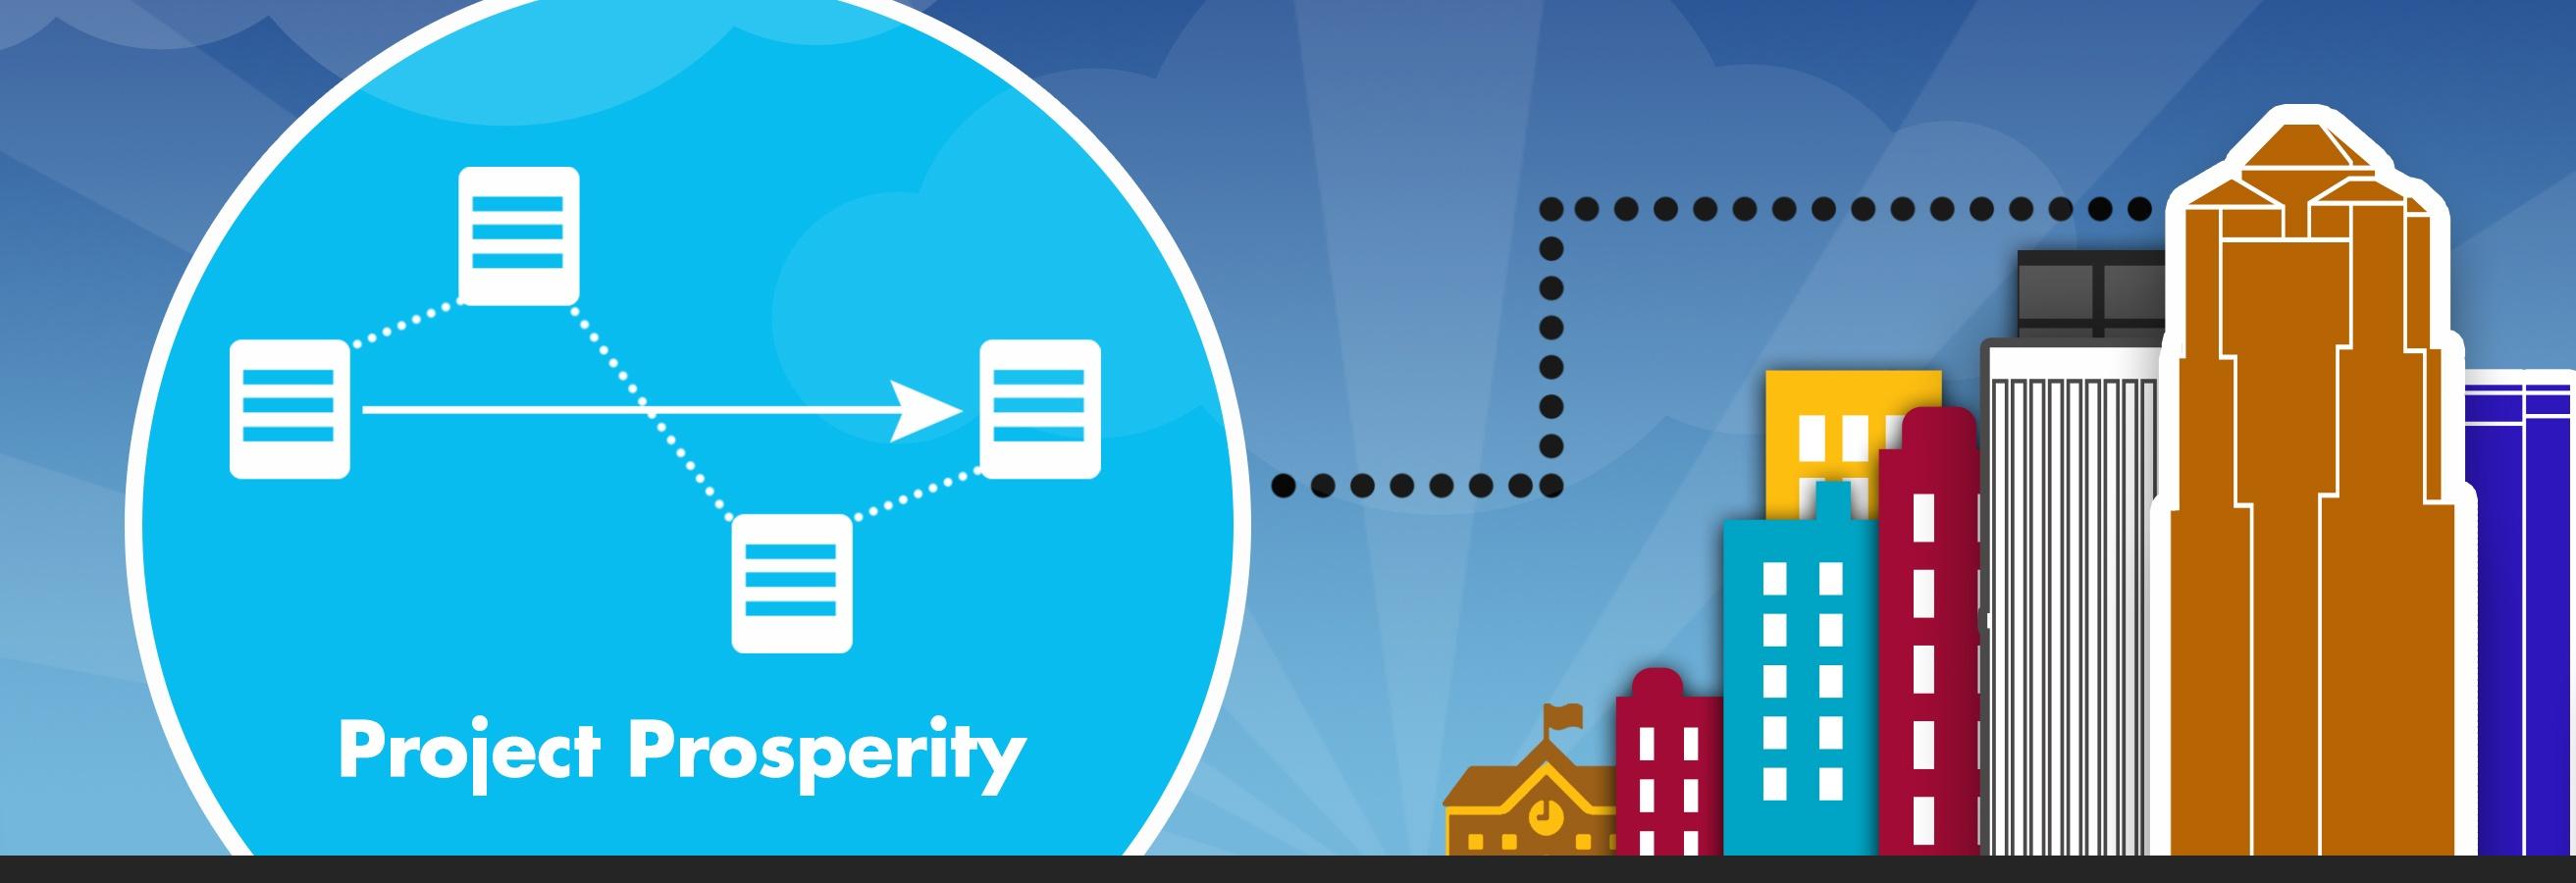 Project Prosperity.jpg